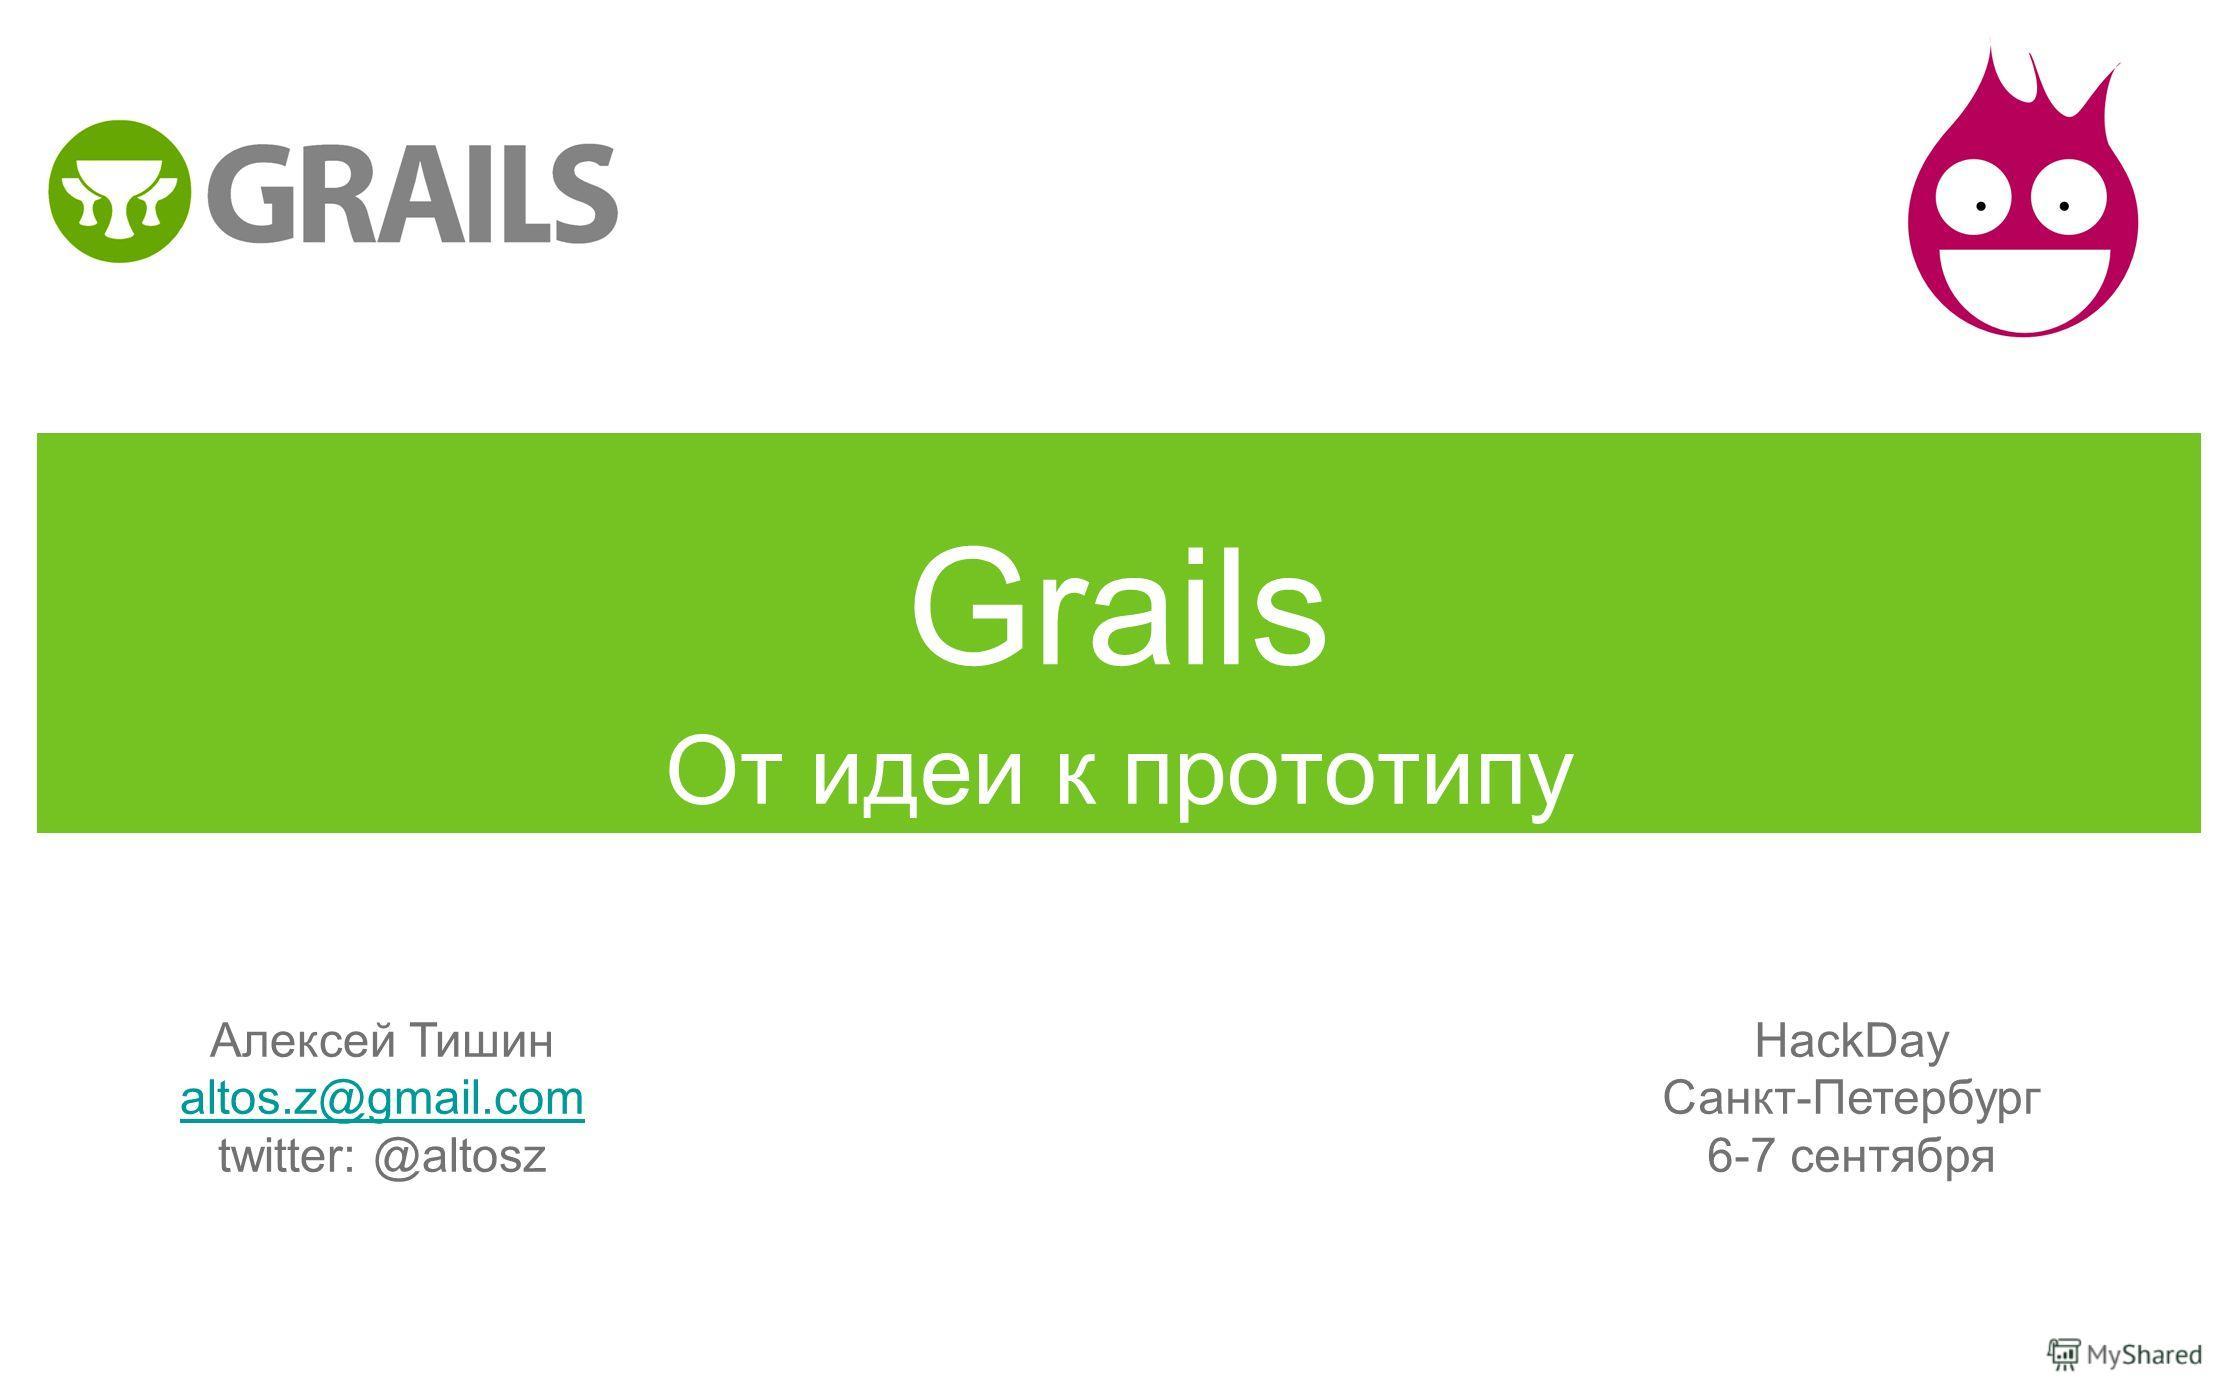 Grails От идеи к прототипу Алексей Тишин altos.z@gmail.com twitter: @altosz HackDay Санкт-Петербург 6-7 сентября